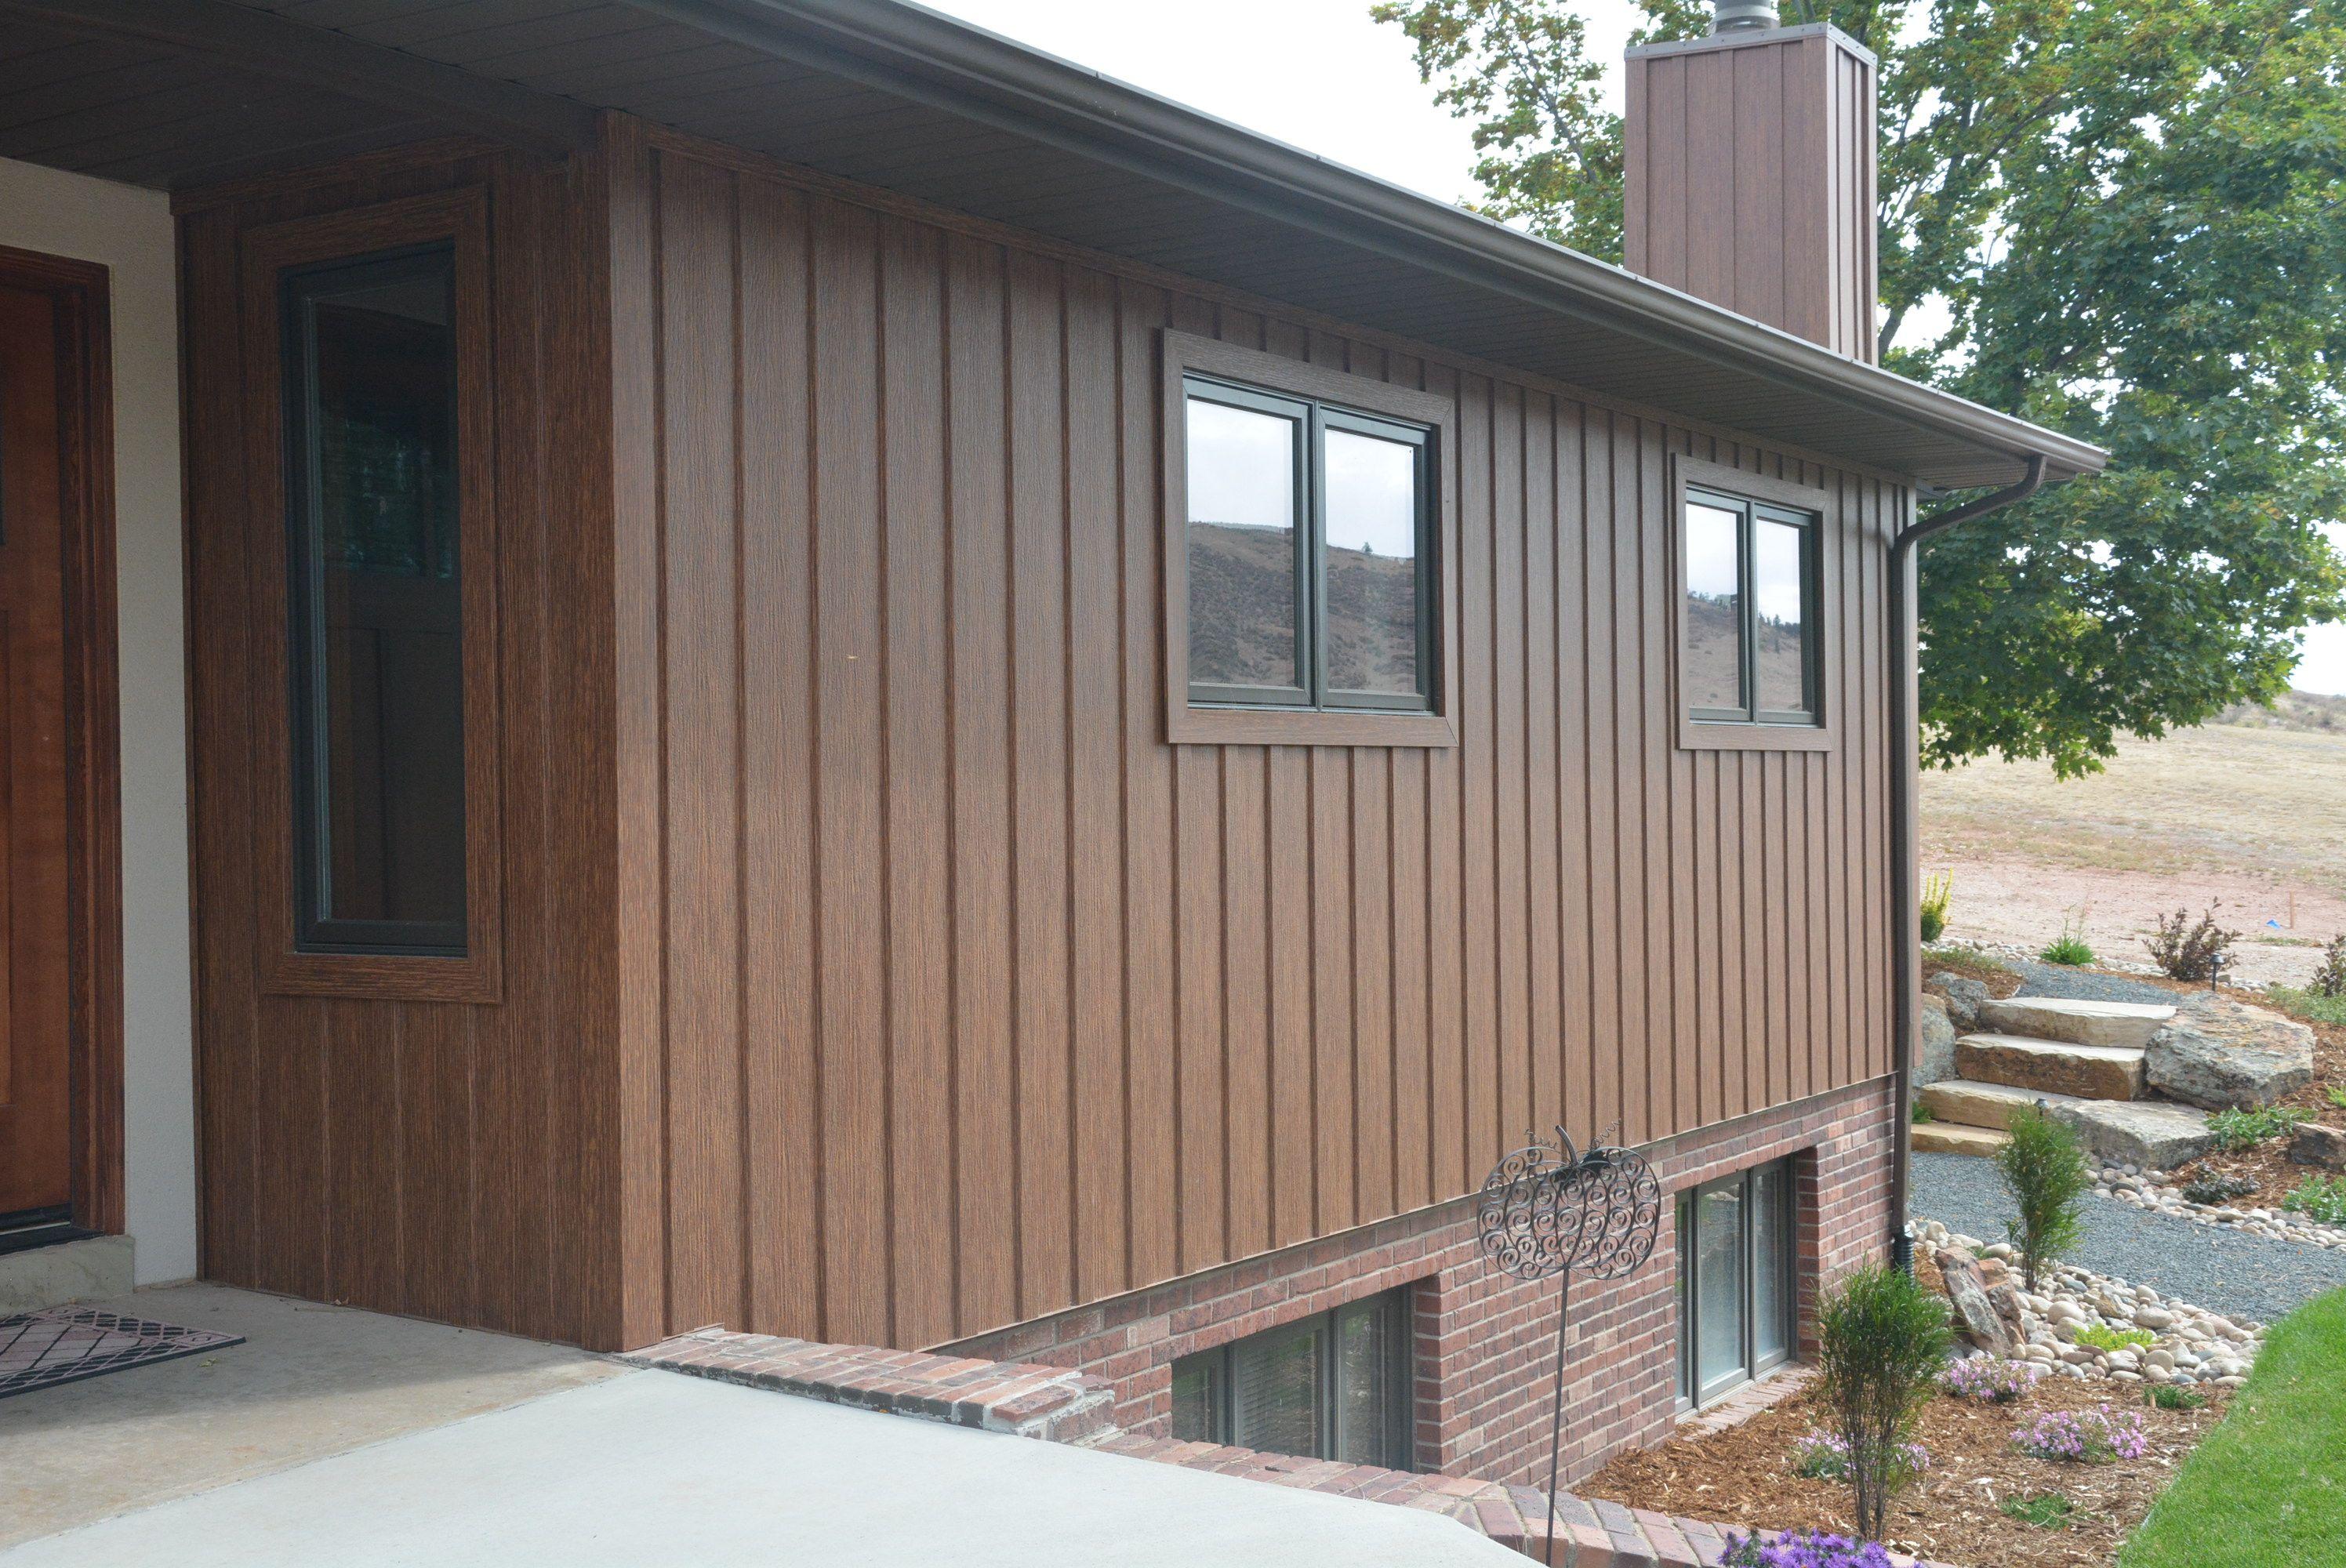 Wood Grain Steel Board And Batten Remodel Boardandbatten Trulog Cabin Maintencefree Diy Cabinlife Rustic Logcab Steel Siding Batten Board And Batten